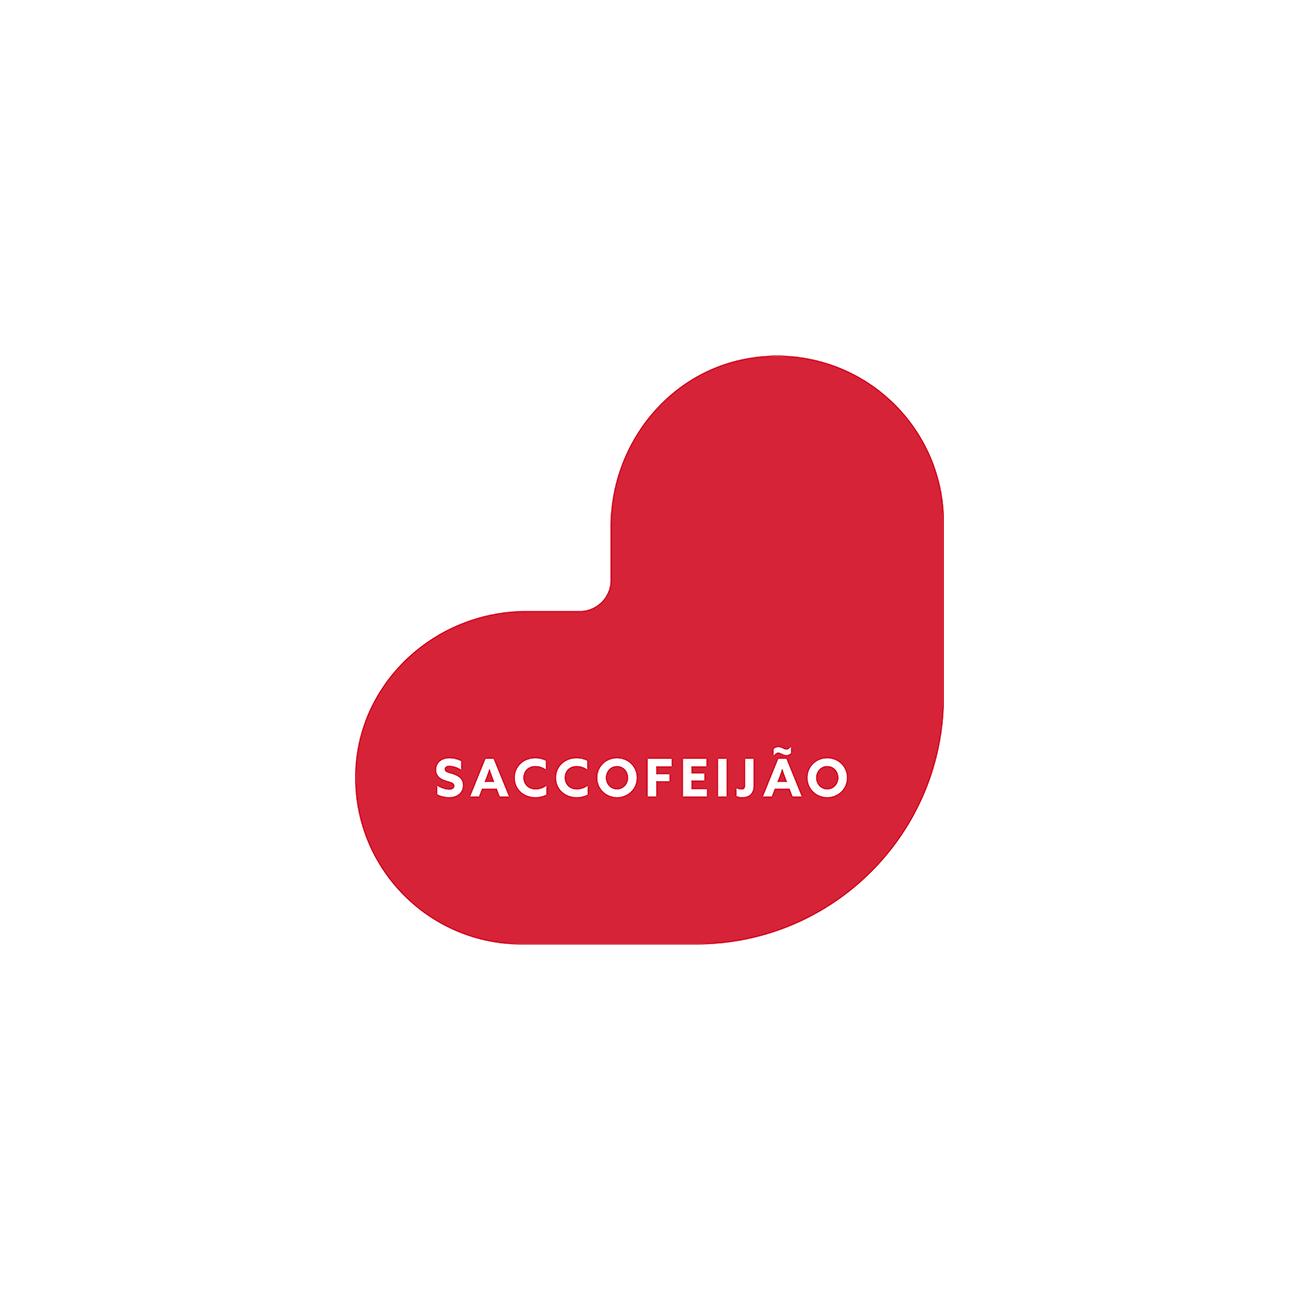 Logotipo Sacco Feijão